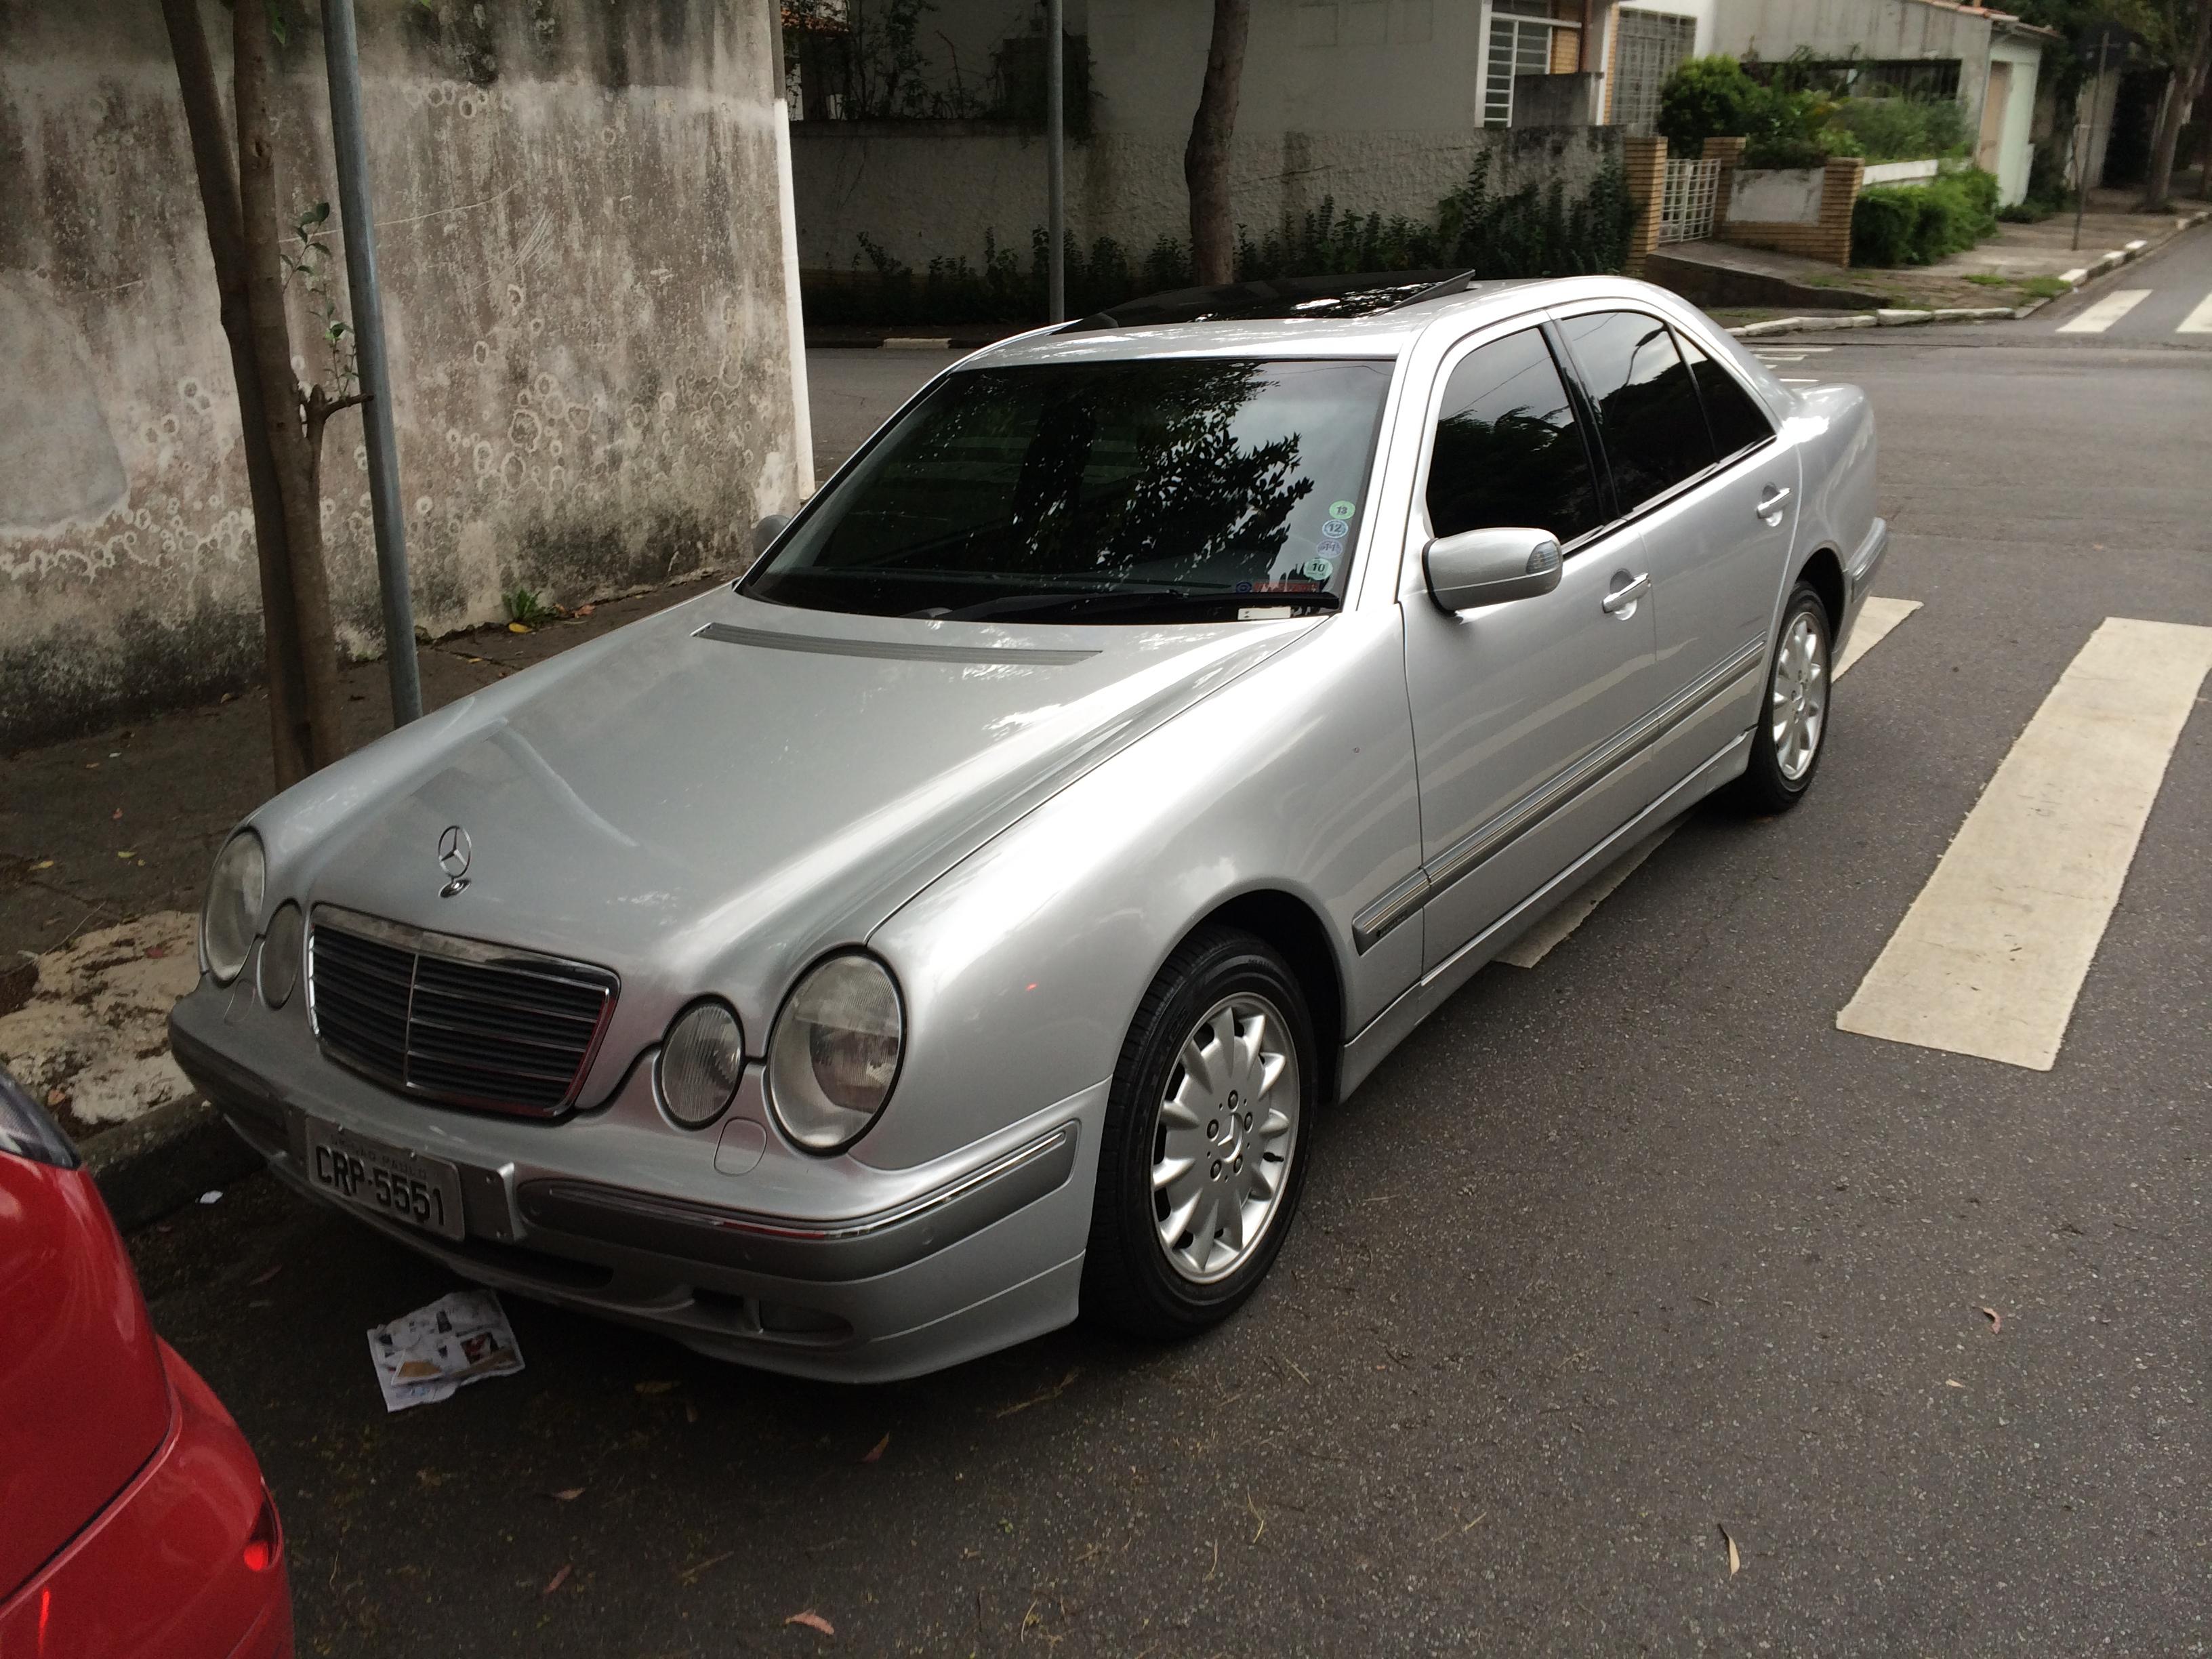 (VENDO): W210 E320 Elegance 2001 - R$37.000,00 - ARQUIVO YZ0iE1